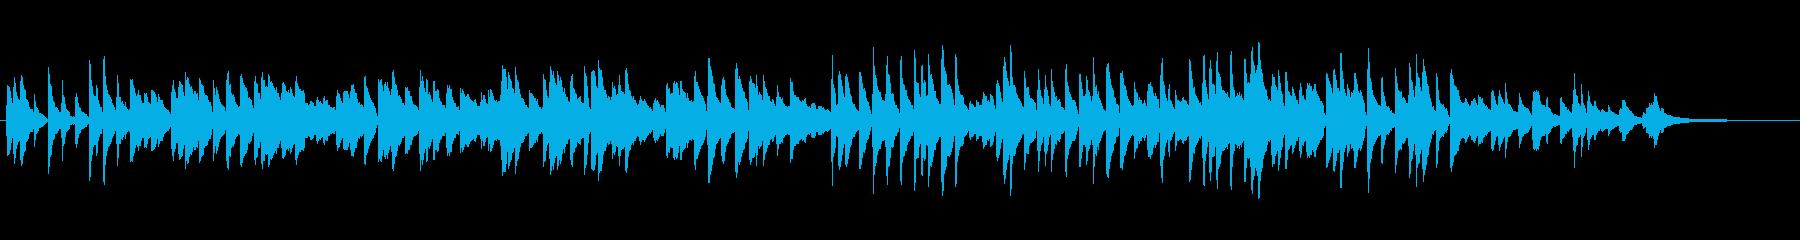 童謡「こいのぼり」伴奏にもなるピアノソロの再生済みの波形